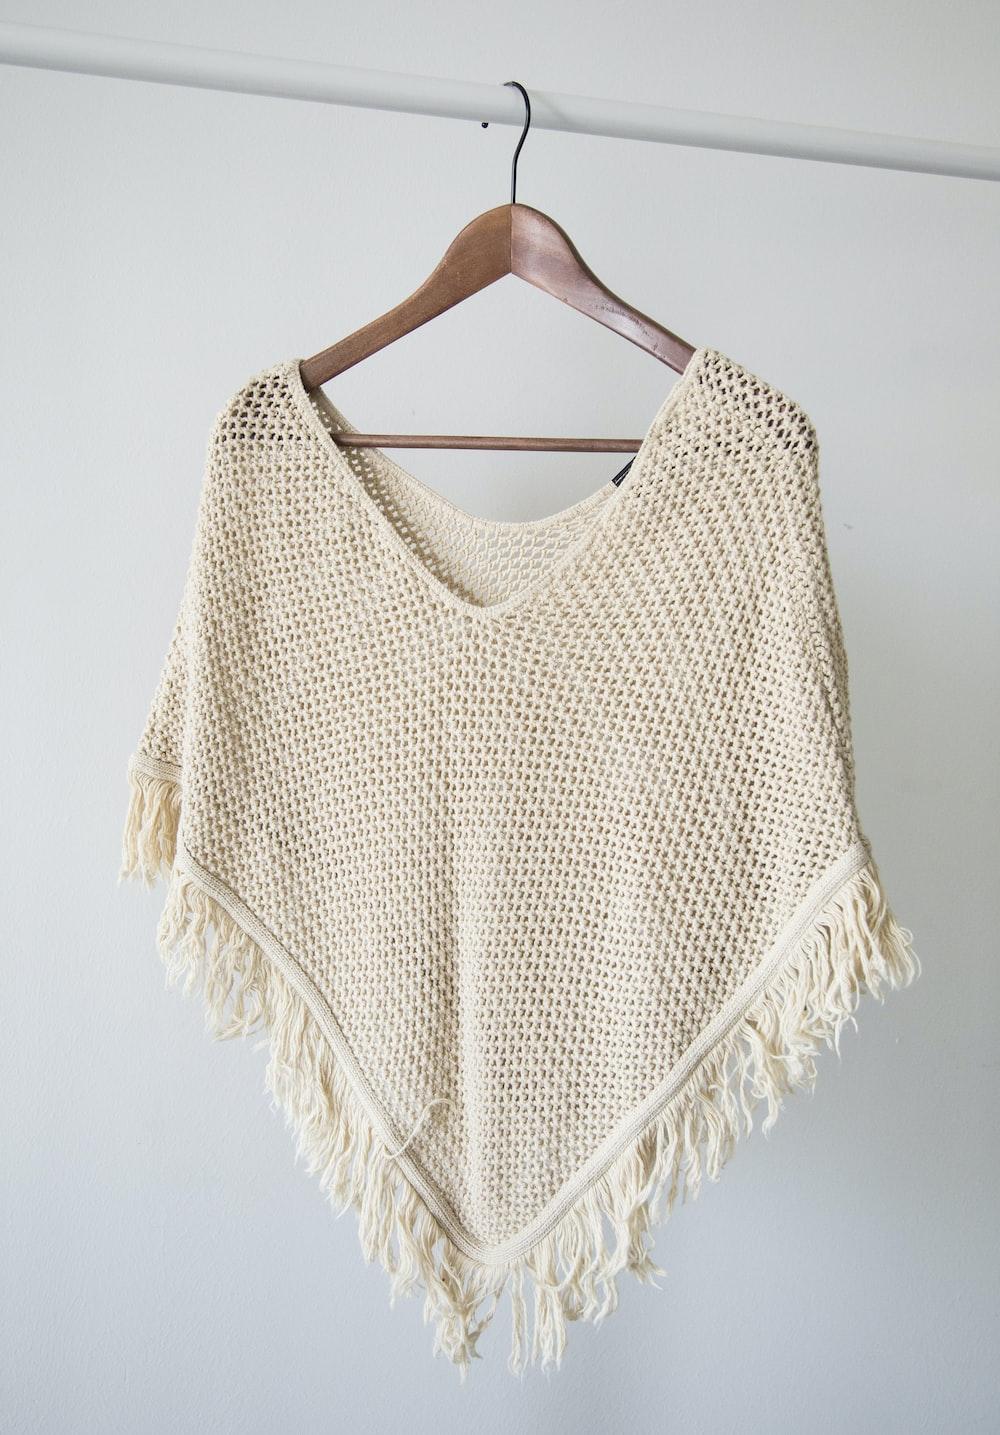 white v neck shirt on brown clothes hanger